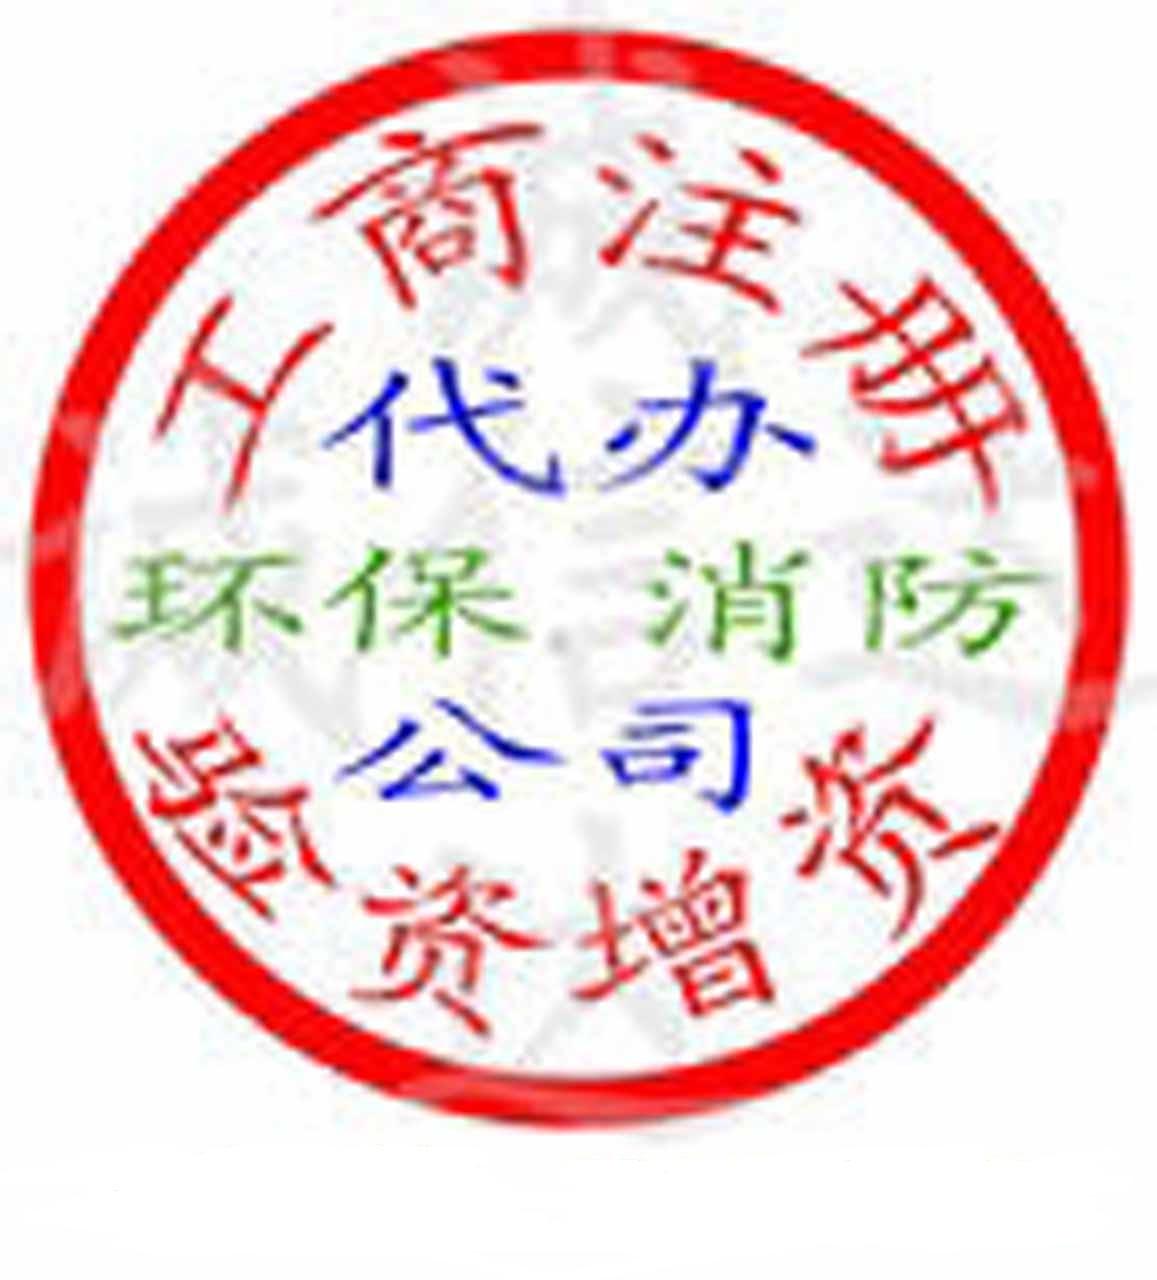 惠州市工商注册变更注销,惠州办理税务注销、变更,办理消防环保